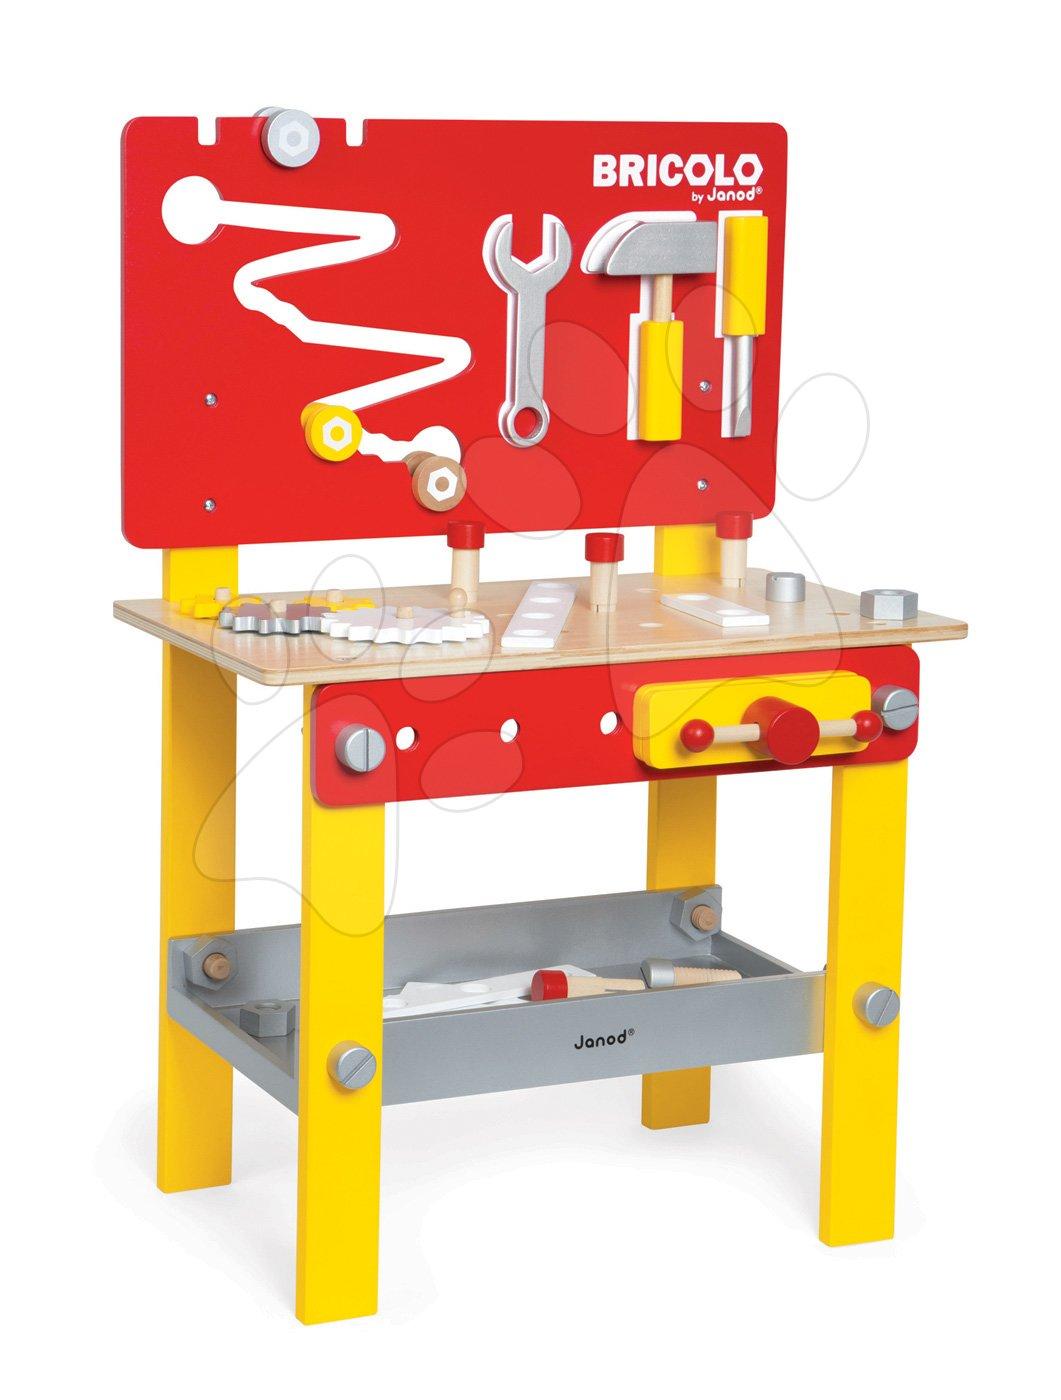 Drevená detská dielňa a náradie - Drevený pracovný stôl Redmaster Bricolo M Janod magnetický s 24 doplnkami